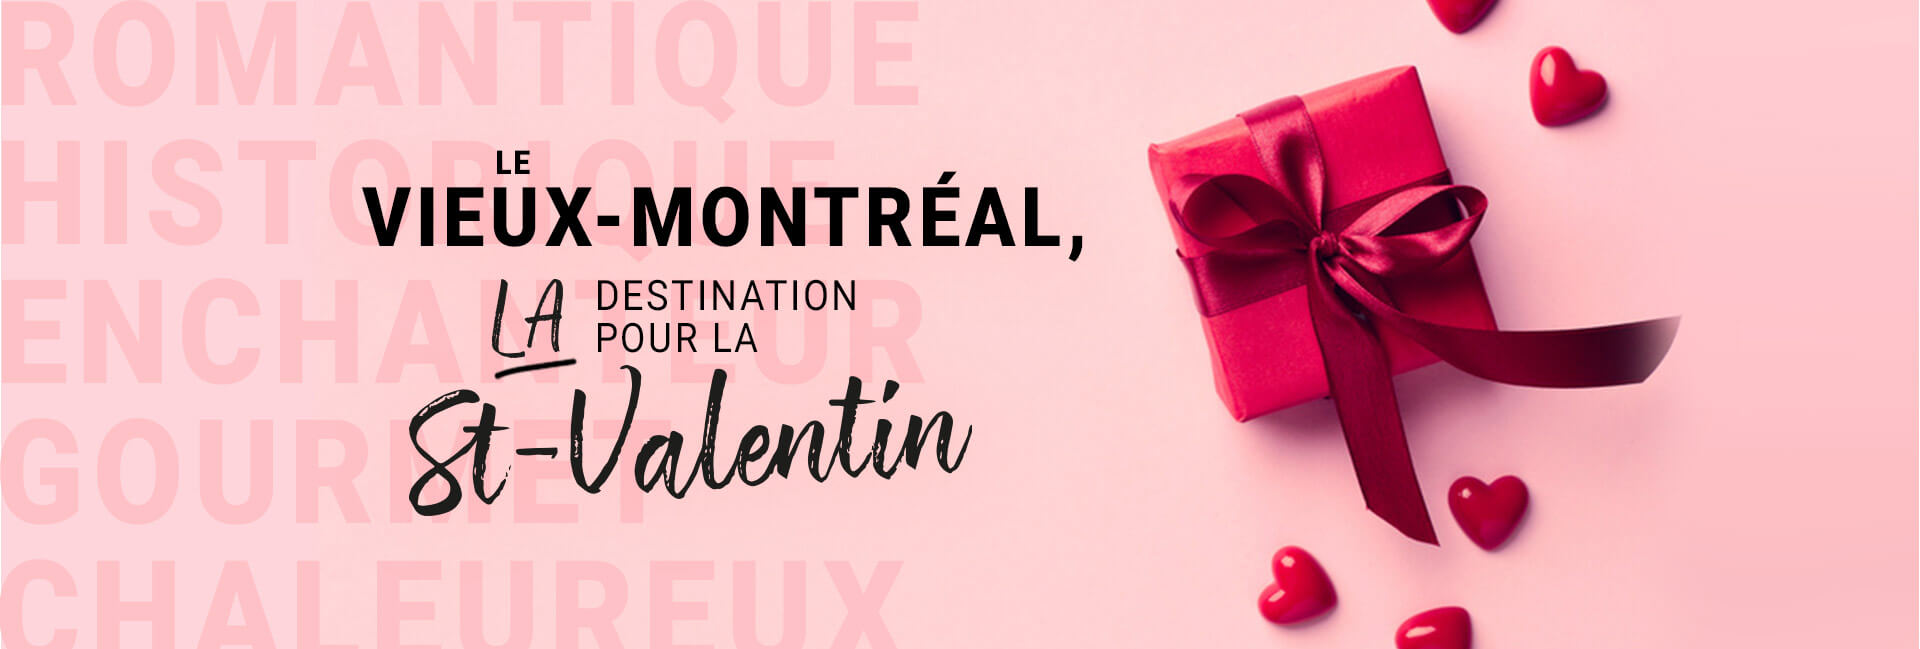 St-Valentin dans le Vieux-Montréal